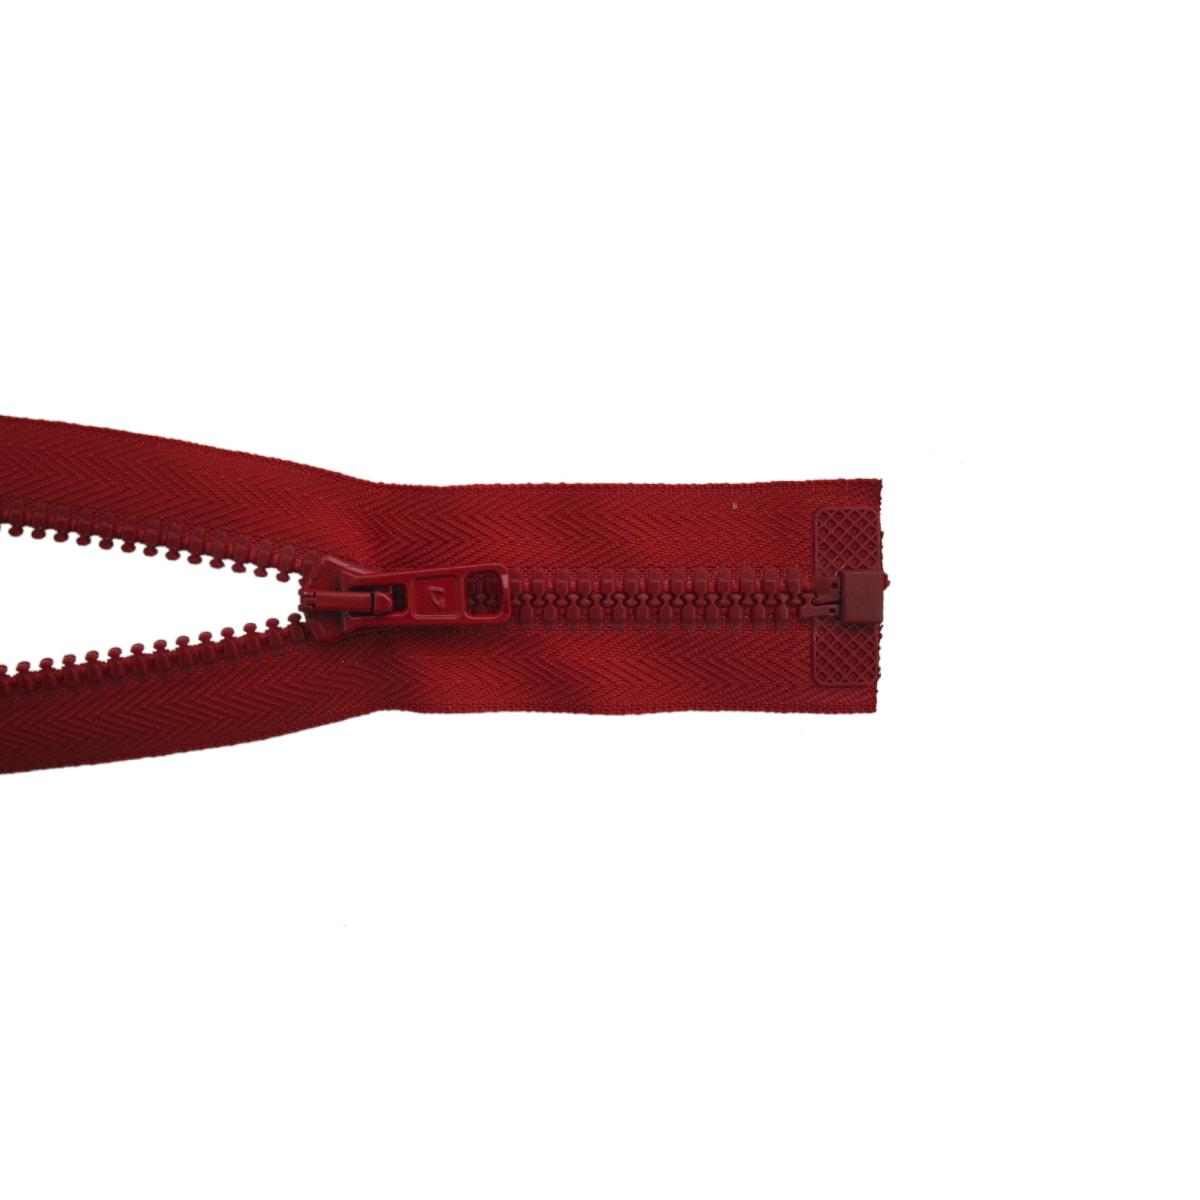 Застежка-молния трактор Arta-F, разъемная (1 замок,Т6) , цвет: красный (008), 65 см19365-008Продукция ARTA-F сертифицирована на Российский, Британский и Латвийский стандарт. Фурнитура ARTA-F изготавливается из европейских материалов, на современном оборудовании, в соответствии с высокими требованиями стандартов. Вся продукция фабрики проходит тесты на качество.Звено застежки-молнии Экстра имеет боковые приливы, которые исключают контакт замка с текстильной лентой, а сокращенный до минимума зазор между замком и приливами звена предохраняет от возможности попадания в замок подкладки, меха, нитей. В то же время эти меры повышают прочность застежки при высоких нагрузках, особенно на изгиб. Применение таких приливов на молниях ARTA-F не только повышает эксплуатационные качества застежки, но и увеличивает прочность крепления звена к ленте, и продлевает срок службы застежек-молний ARTA-F. Такая застежка-молния безопасна, легка в использовании и не повредит одежду.